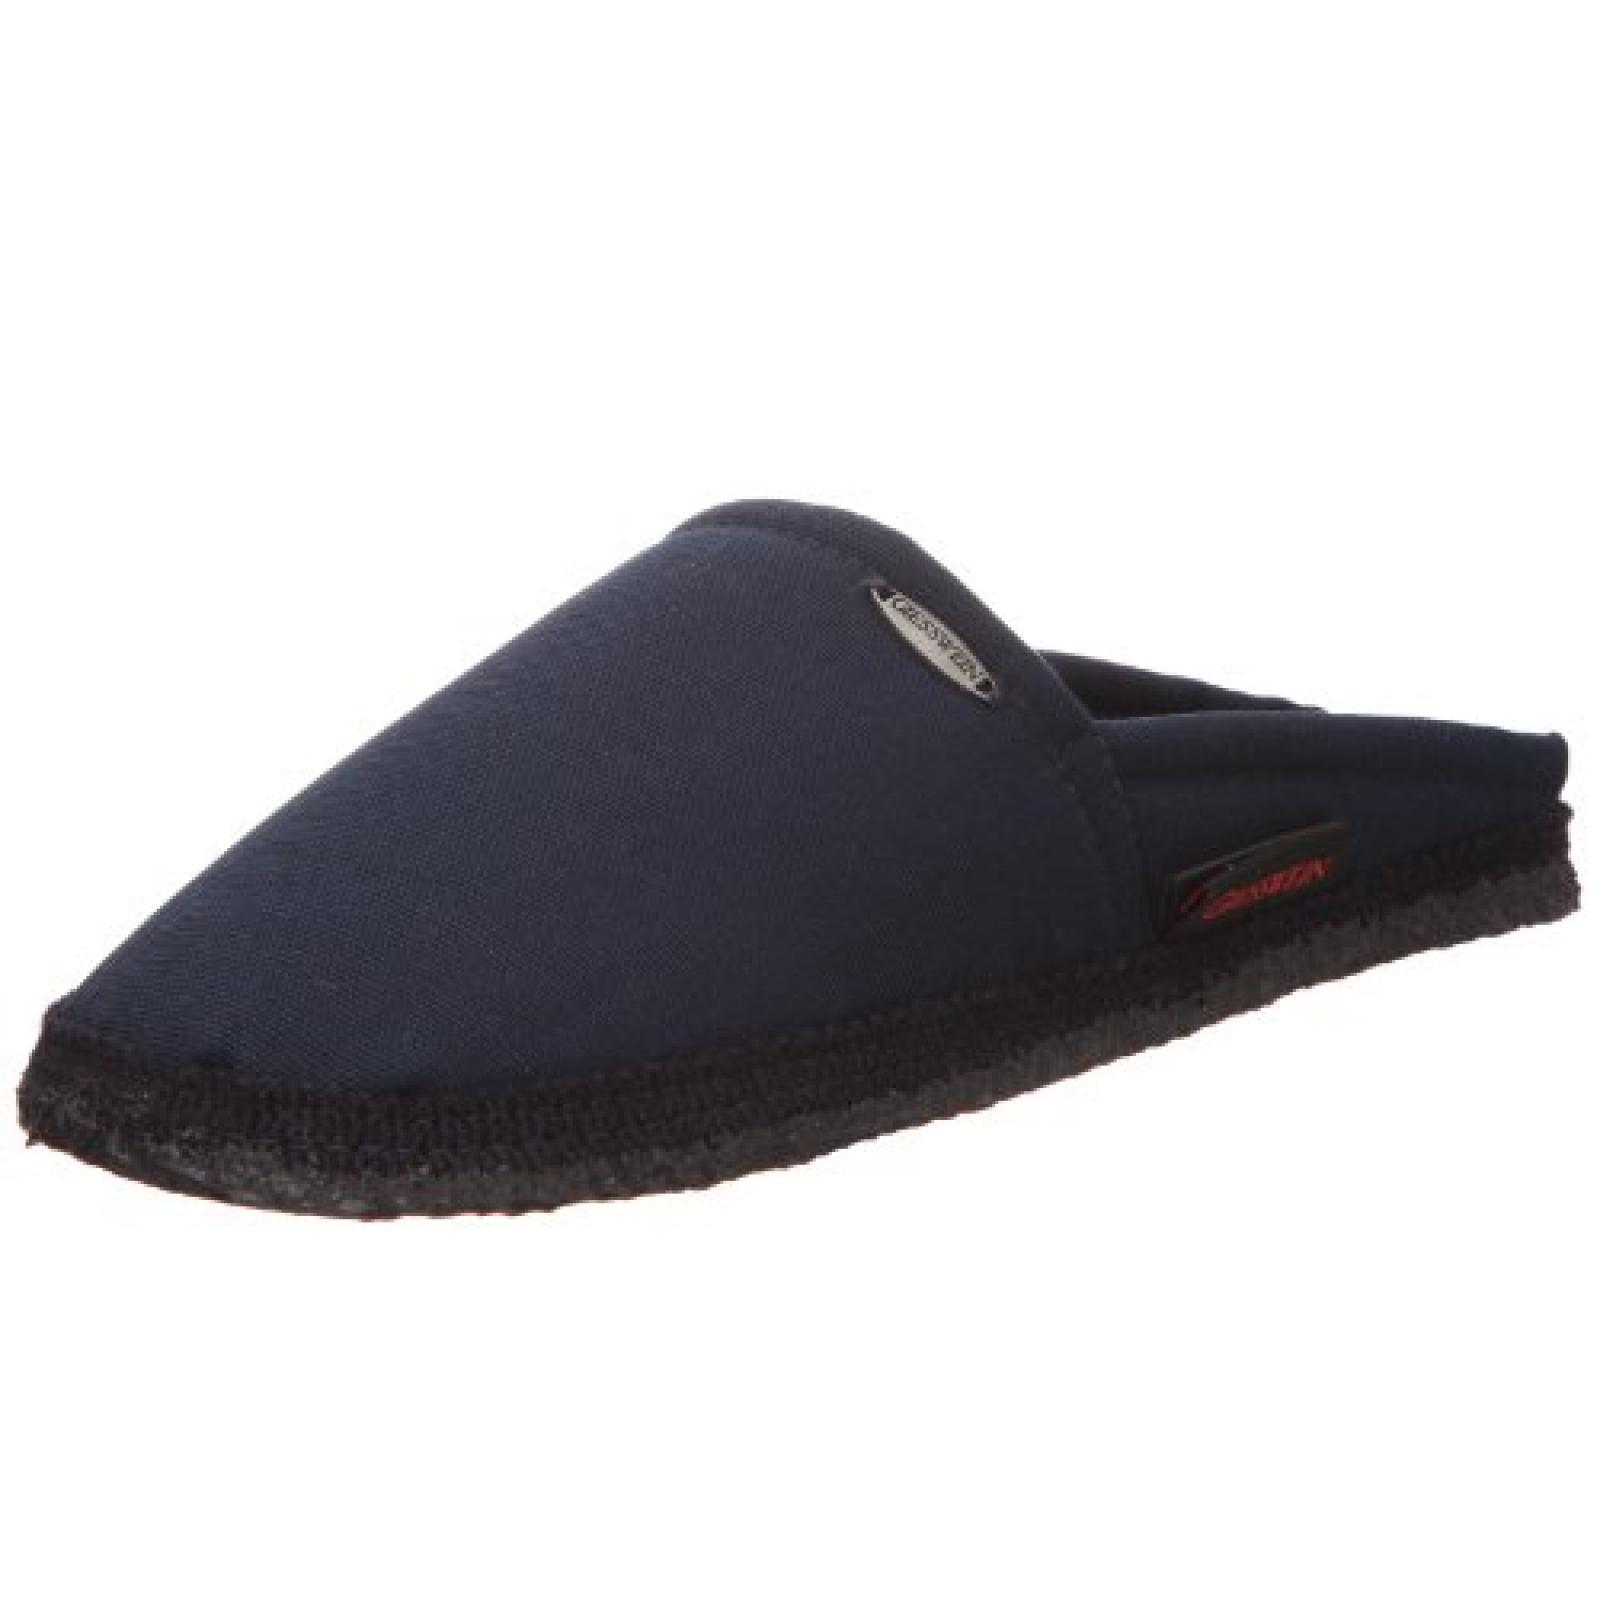 Giesswein Villach Unisex-Erwachsene Pantoffeln